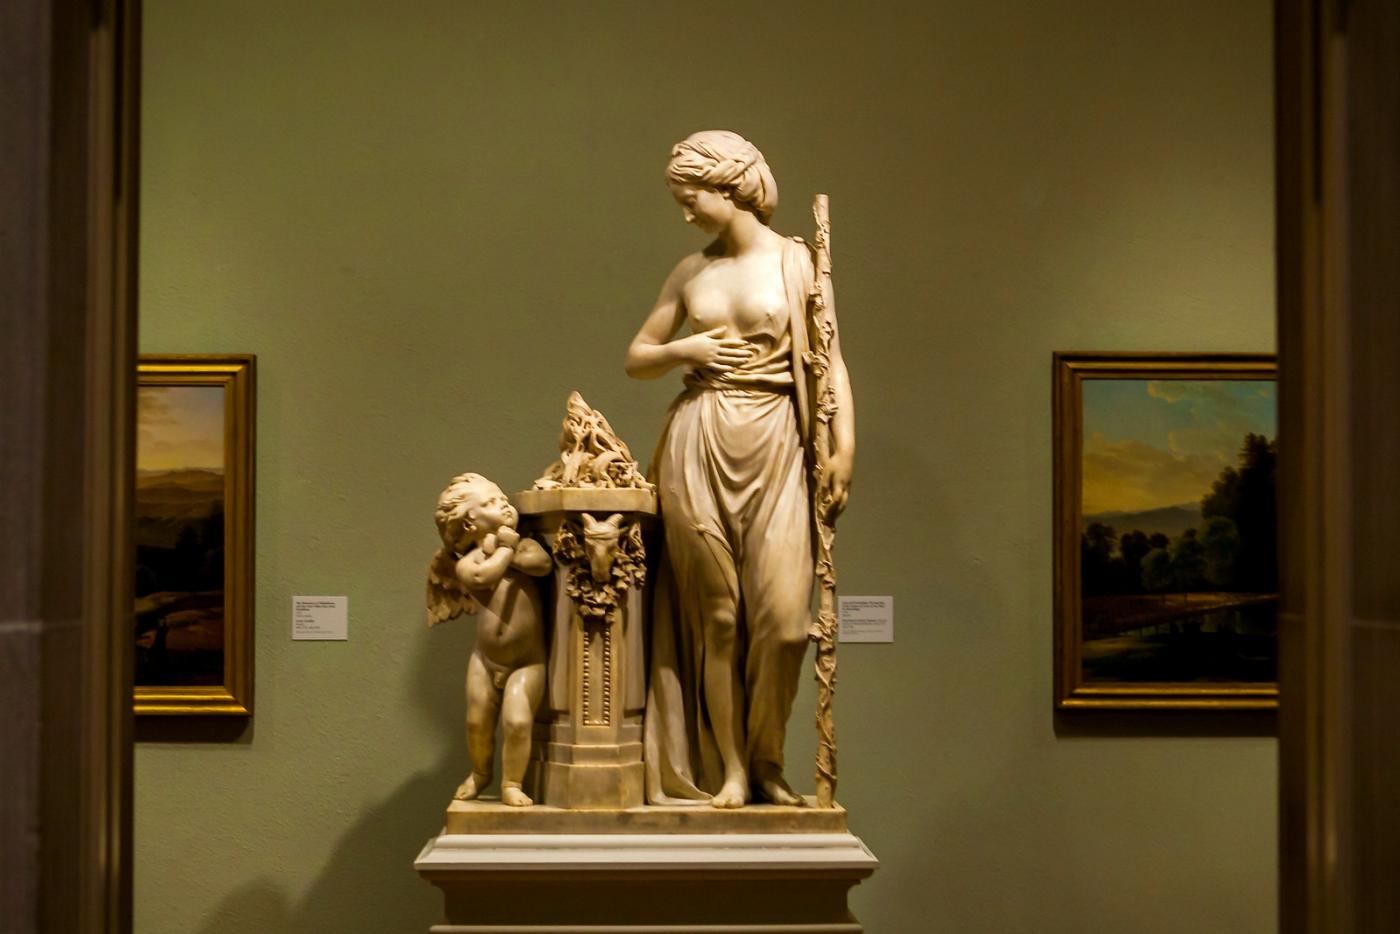 费城艺术博物馆,看展品布局_图1-5